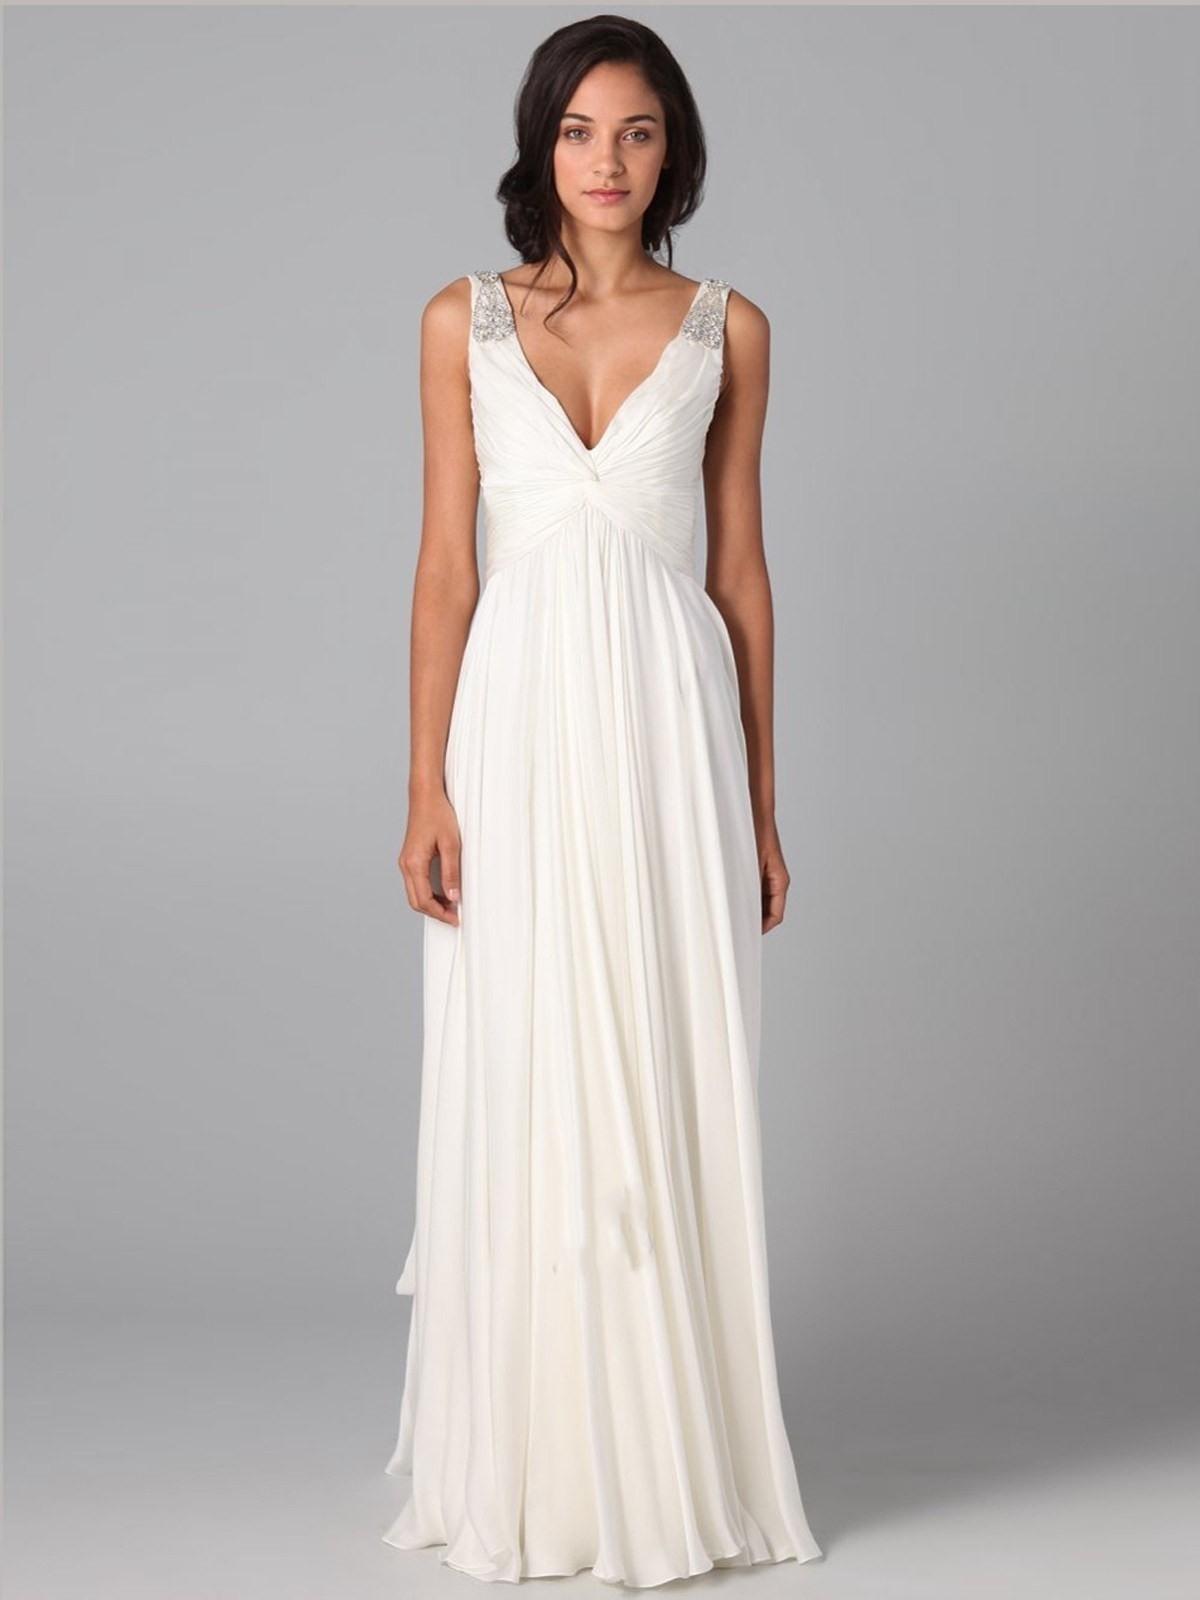 20 Einzigartig Abendkleider Sehr Günstig Stylish15 Genial Abendkleider Sehr Günstig Vertrieb